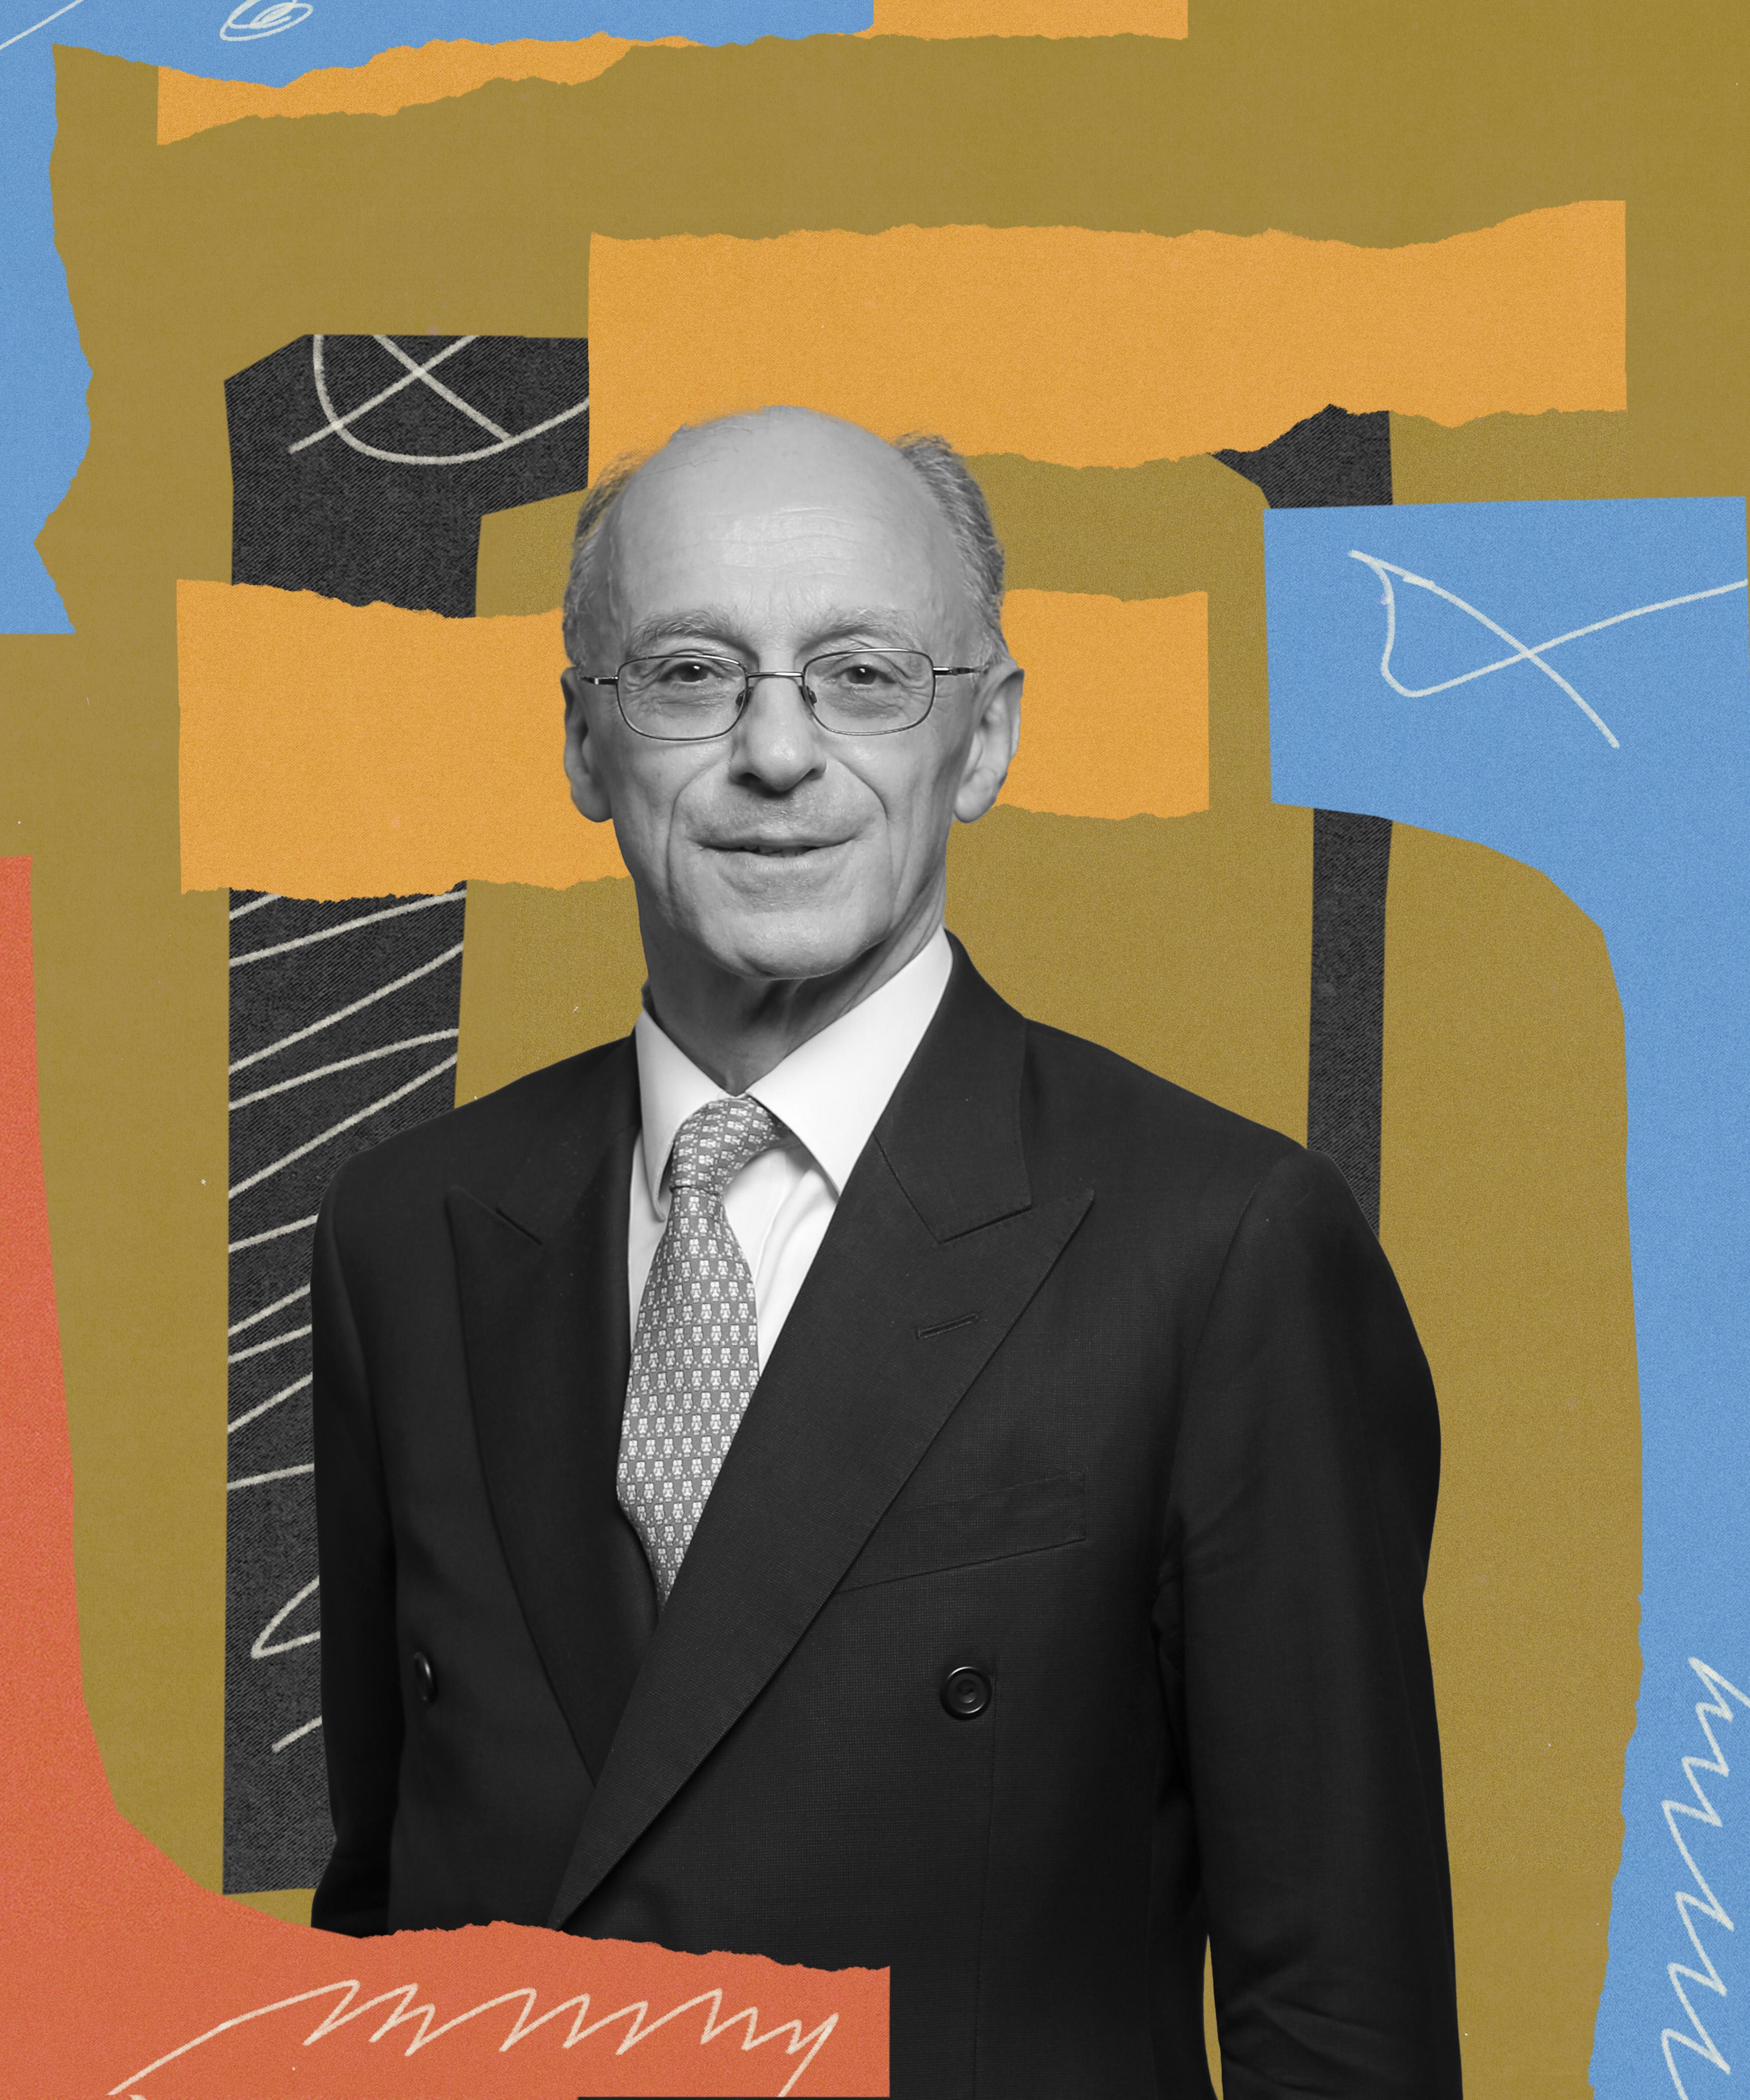 Abstract photo illustration of James Sassoon